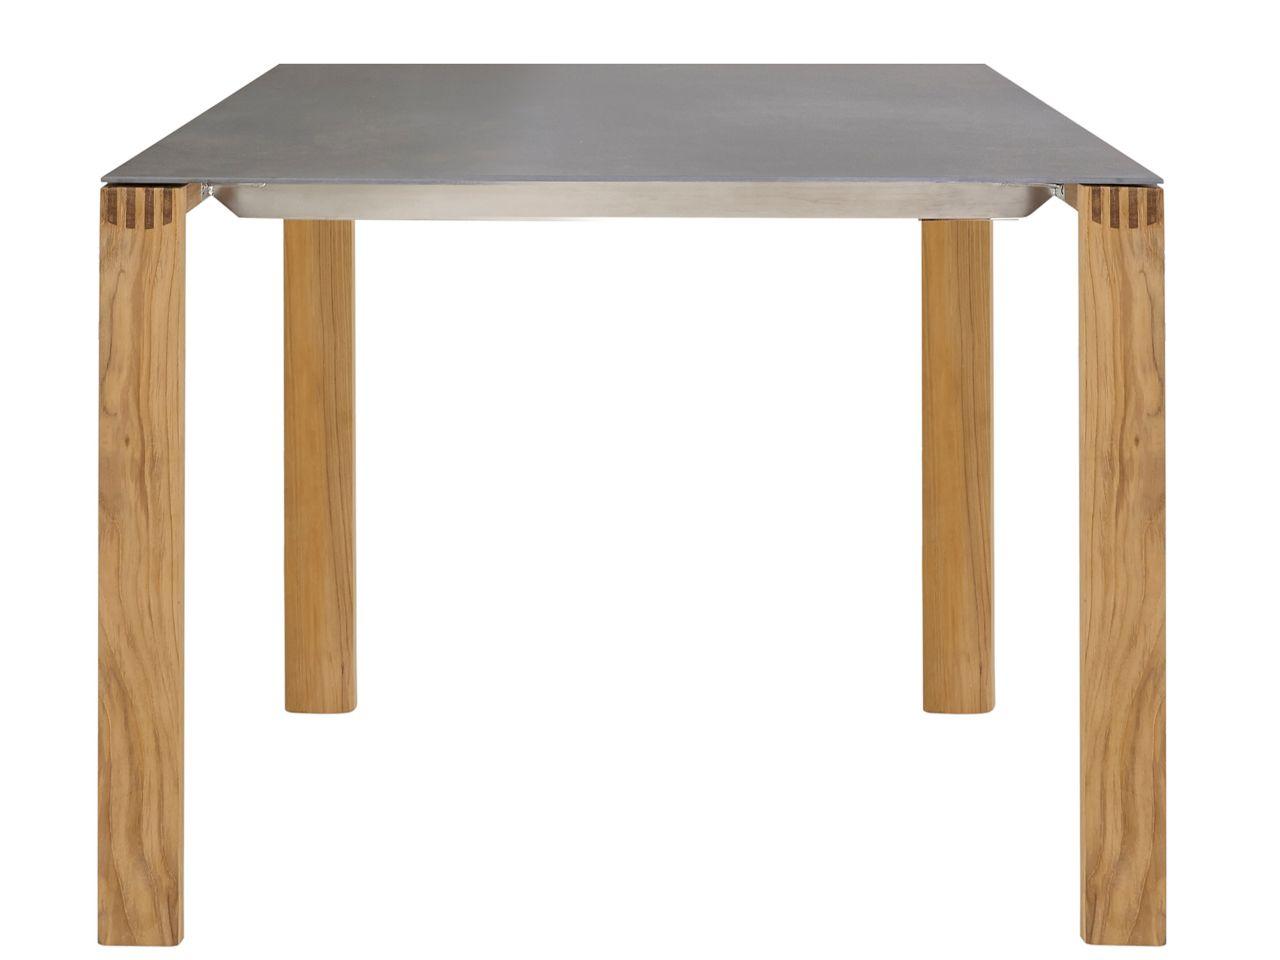 Solpuri Safari Gartentisch 100x100cm Teakholz/Keramik